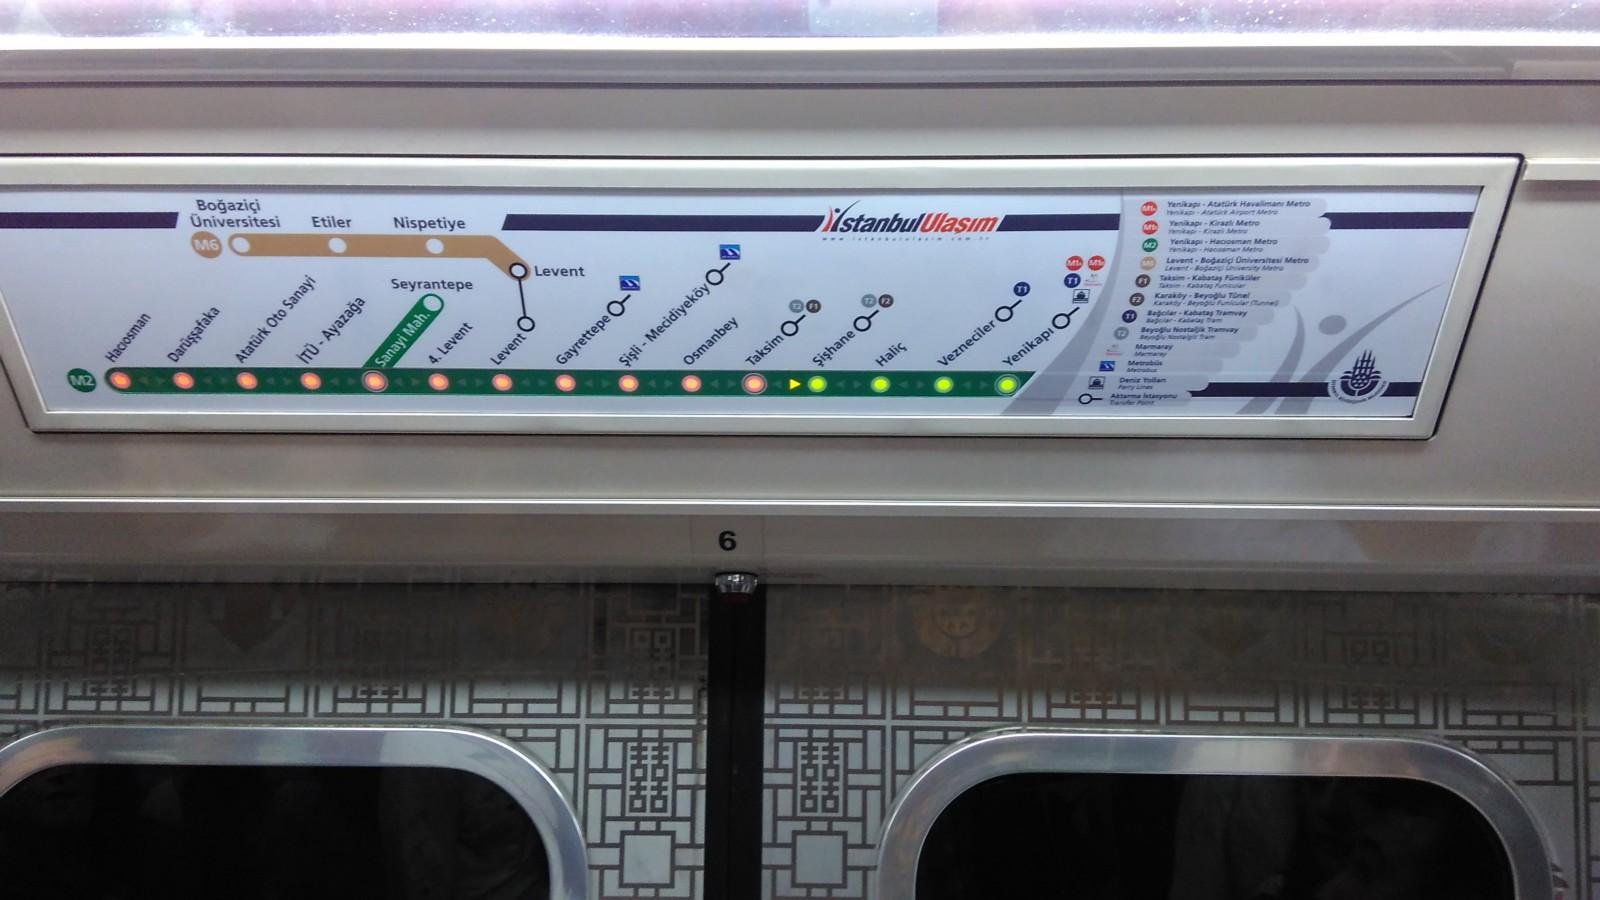 Лінійна схема у метро Стамбула